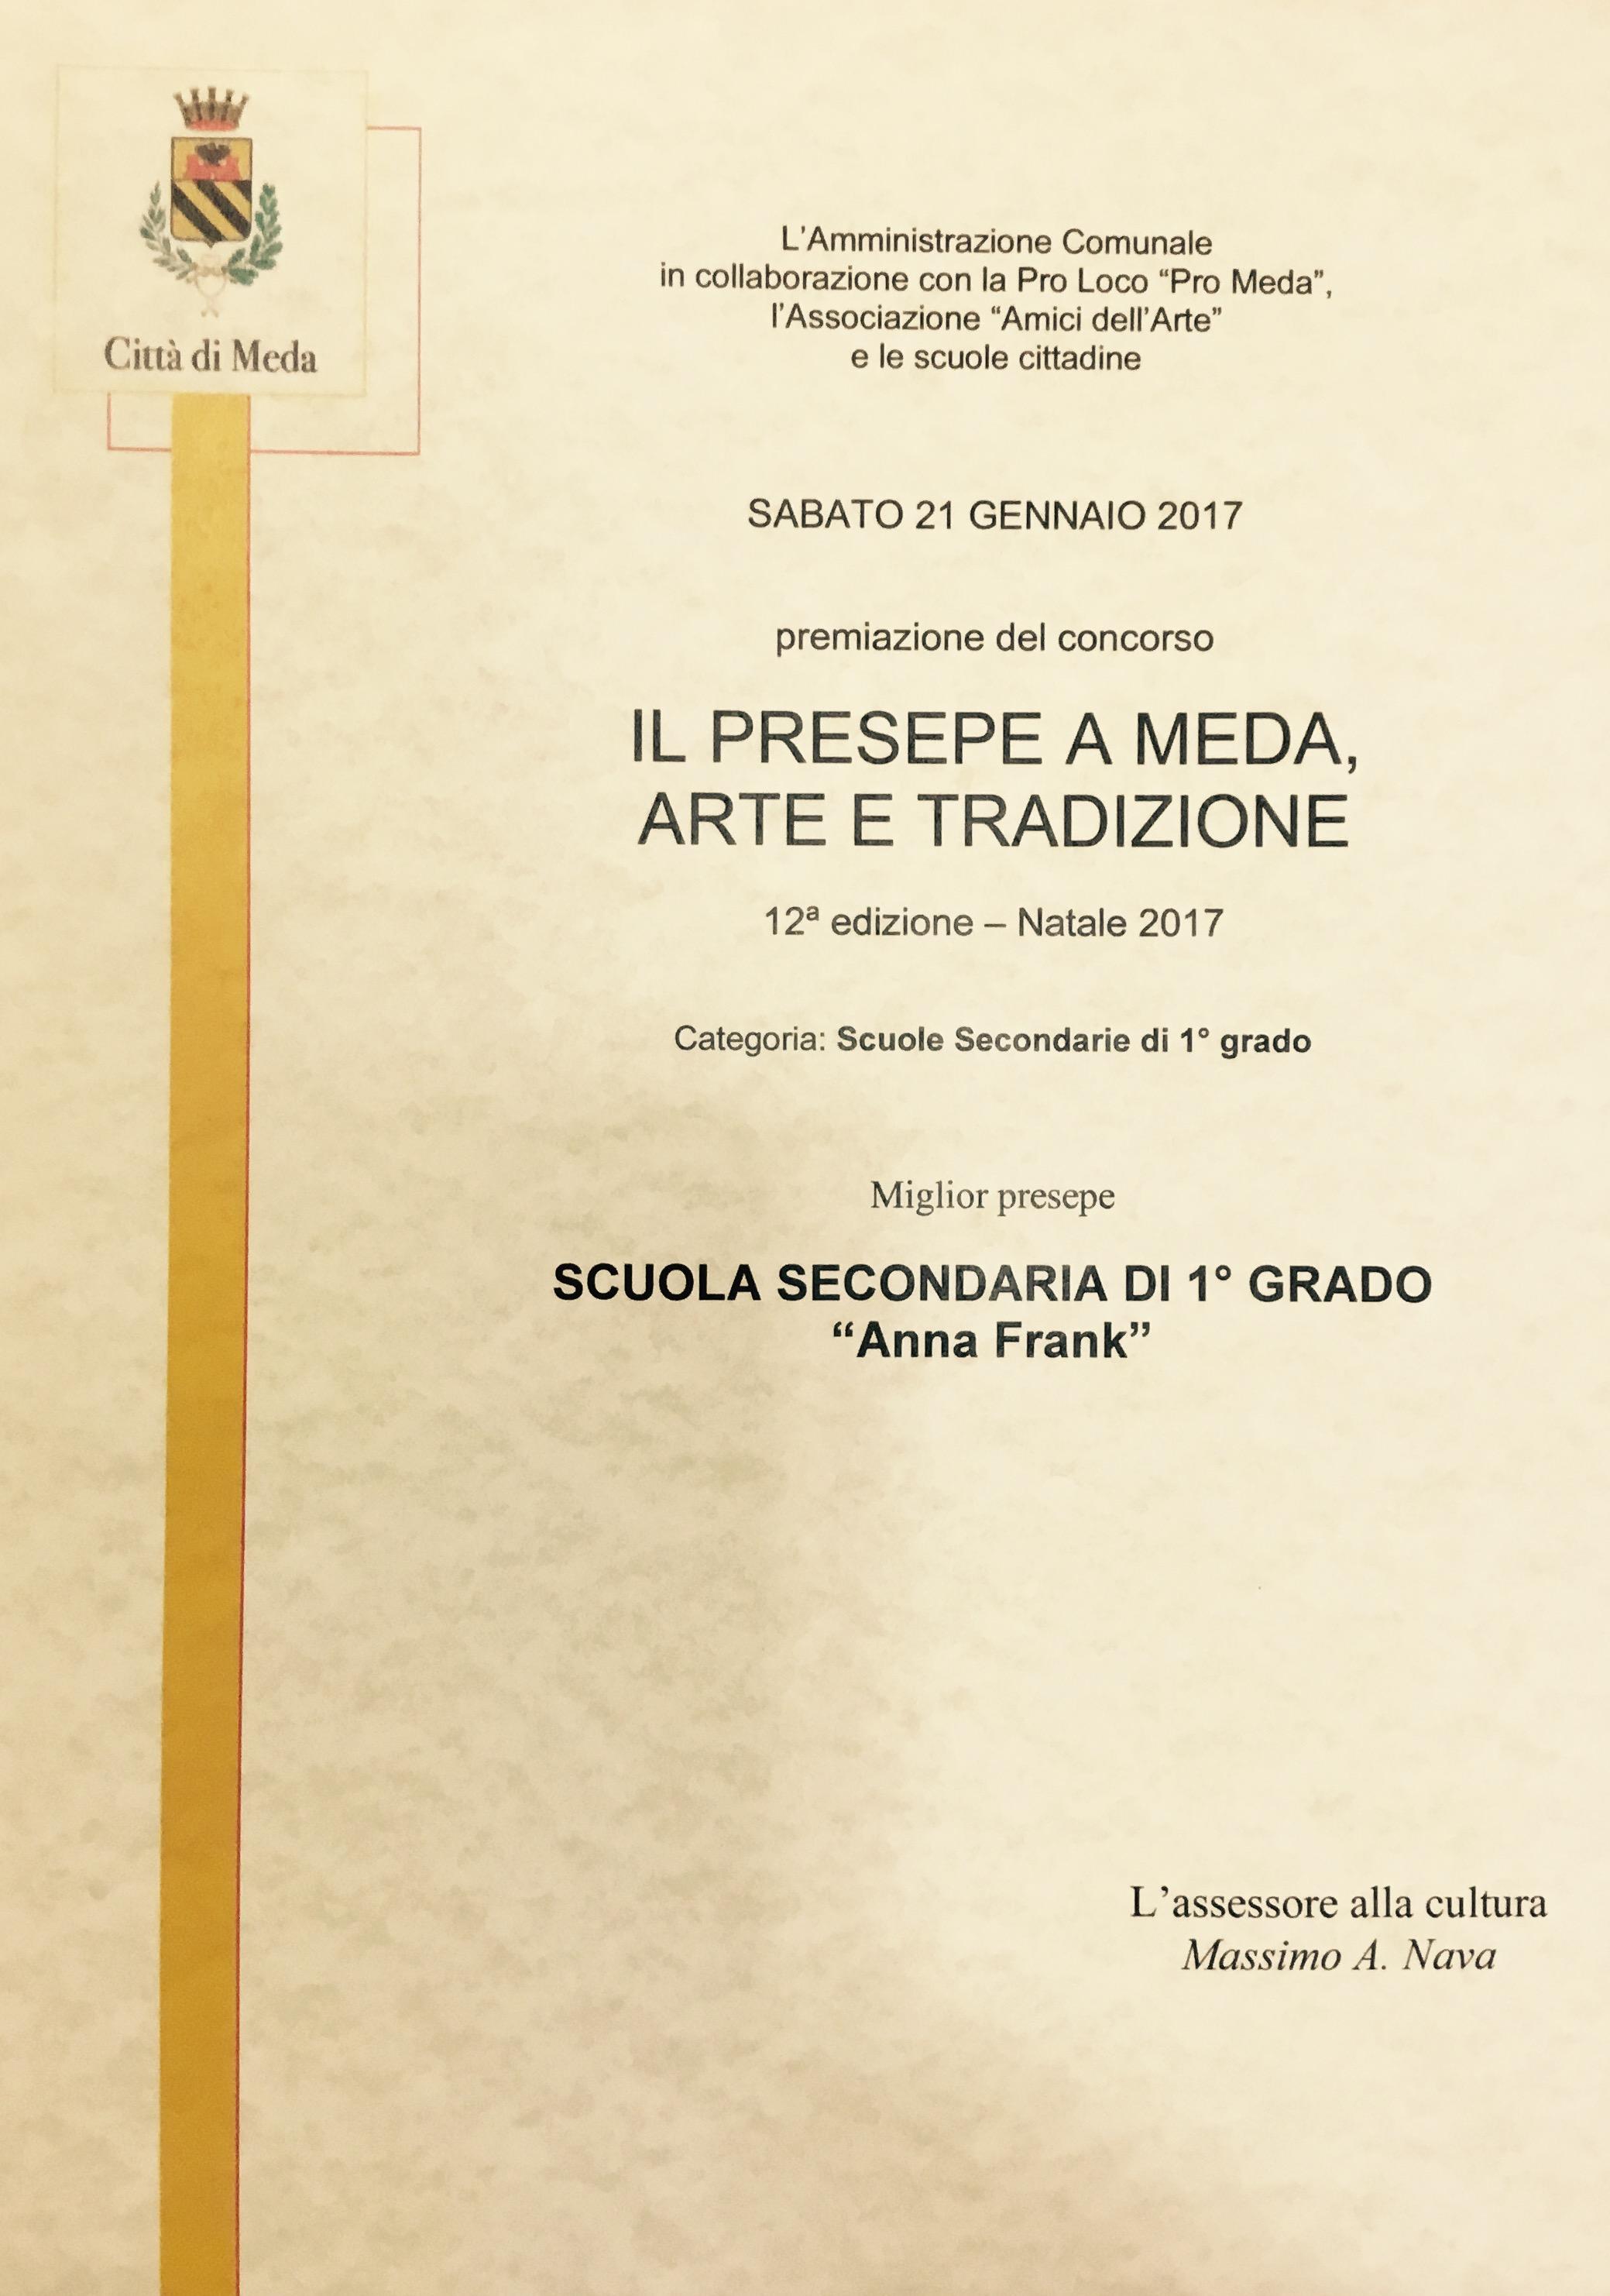 Attestato premiazione Presepe 2016